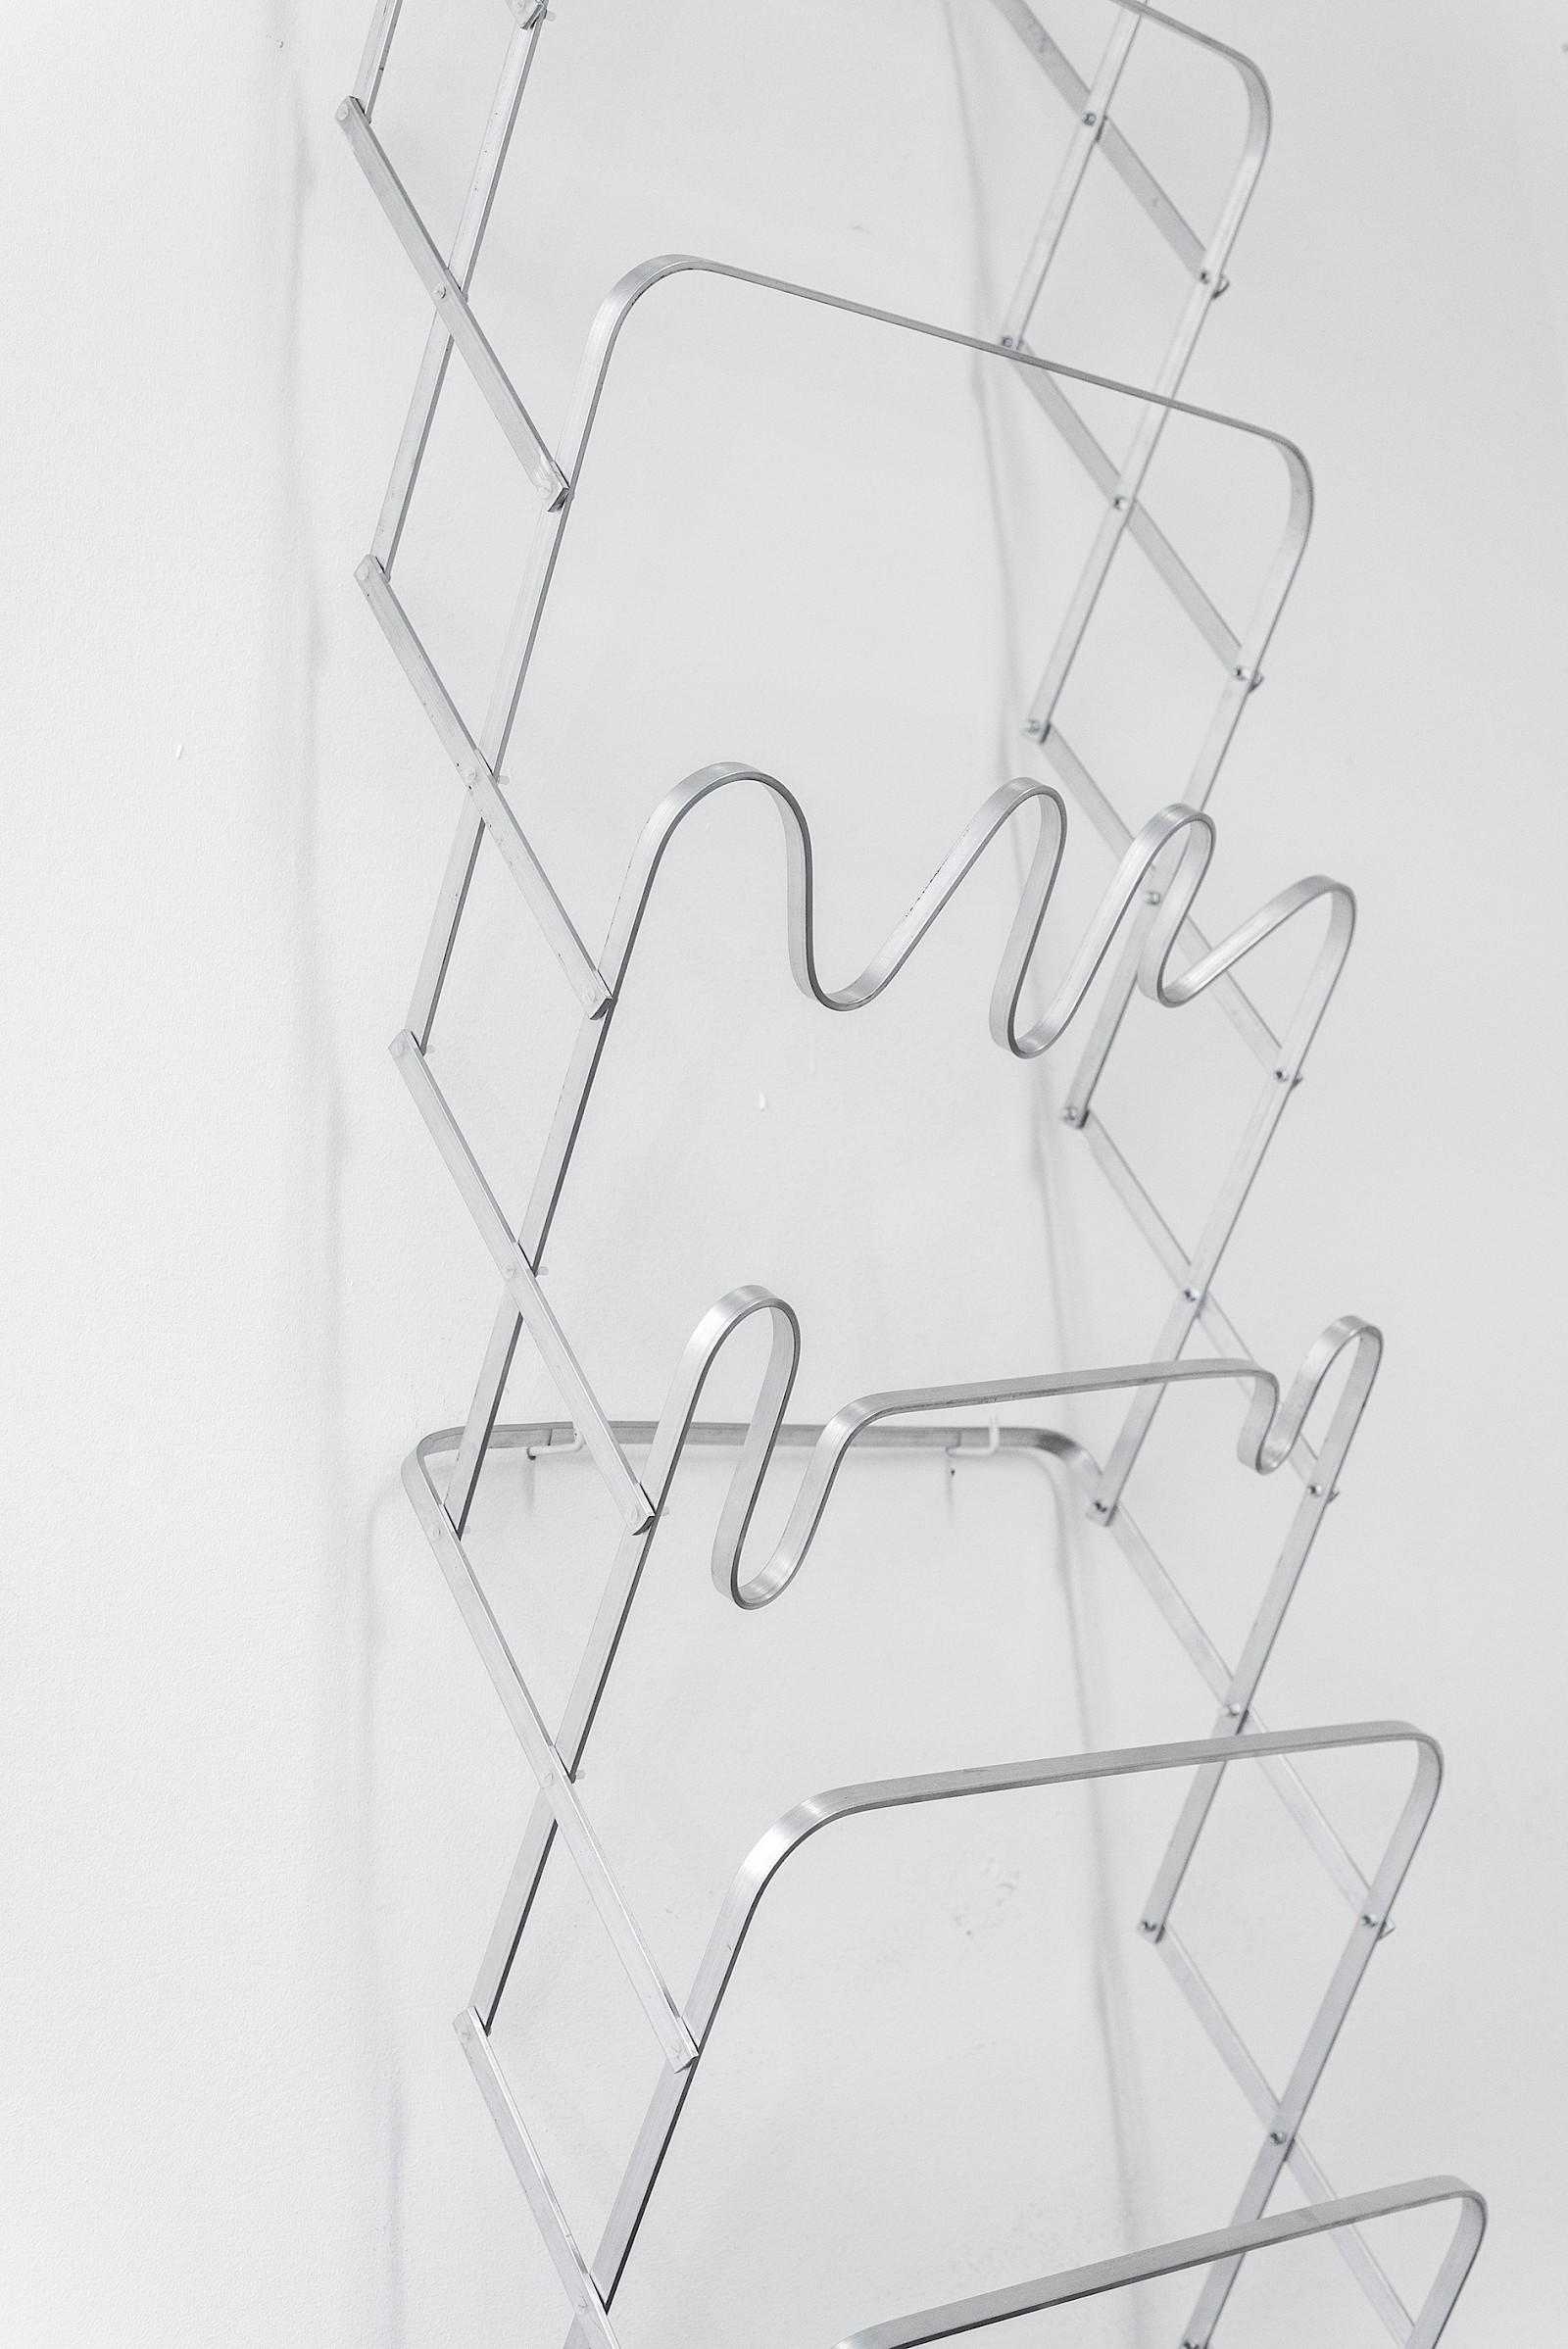 Image - Cortical Homunculus Antenna, aluminium, 160 × 38 × 15cm